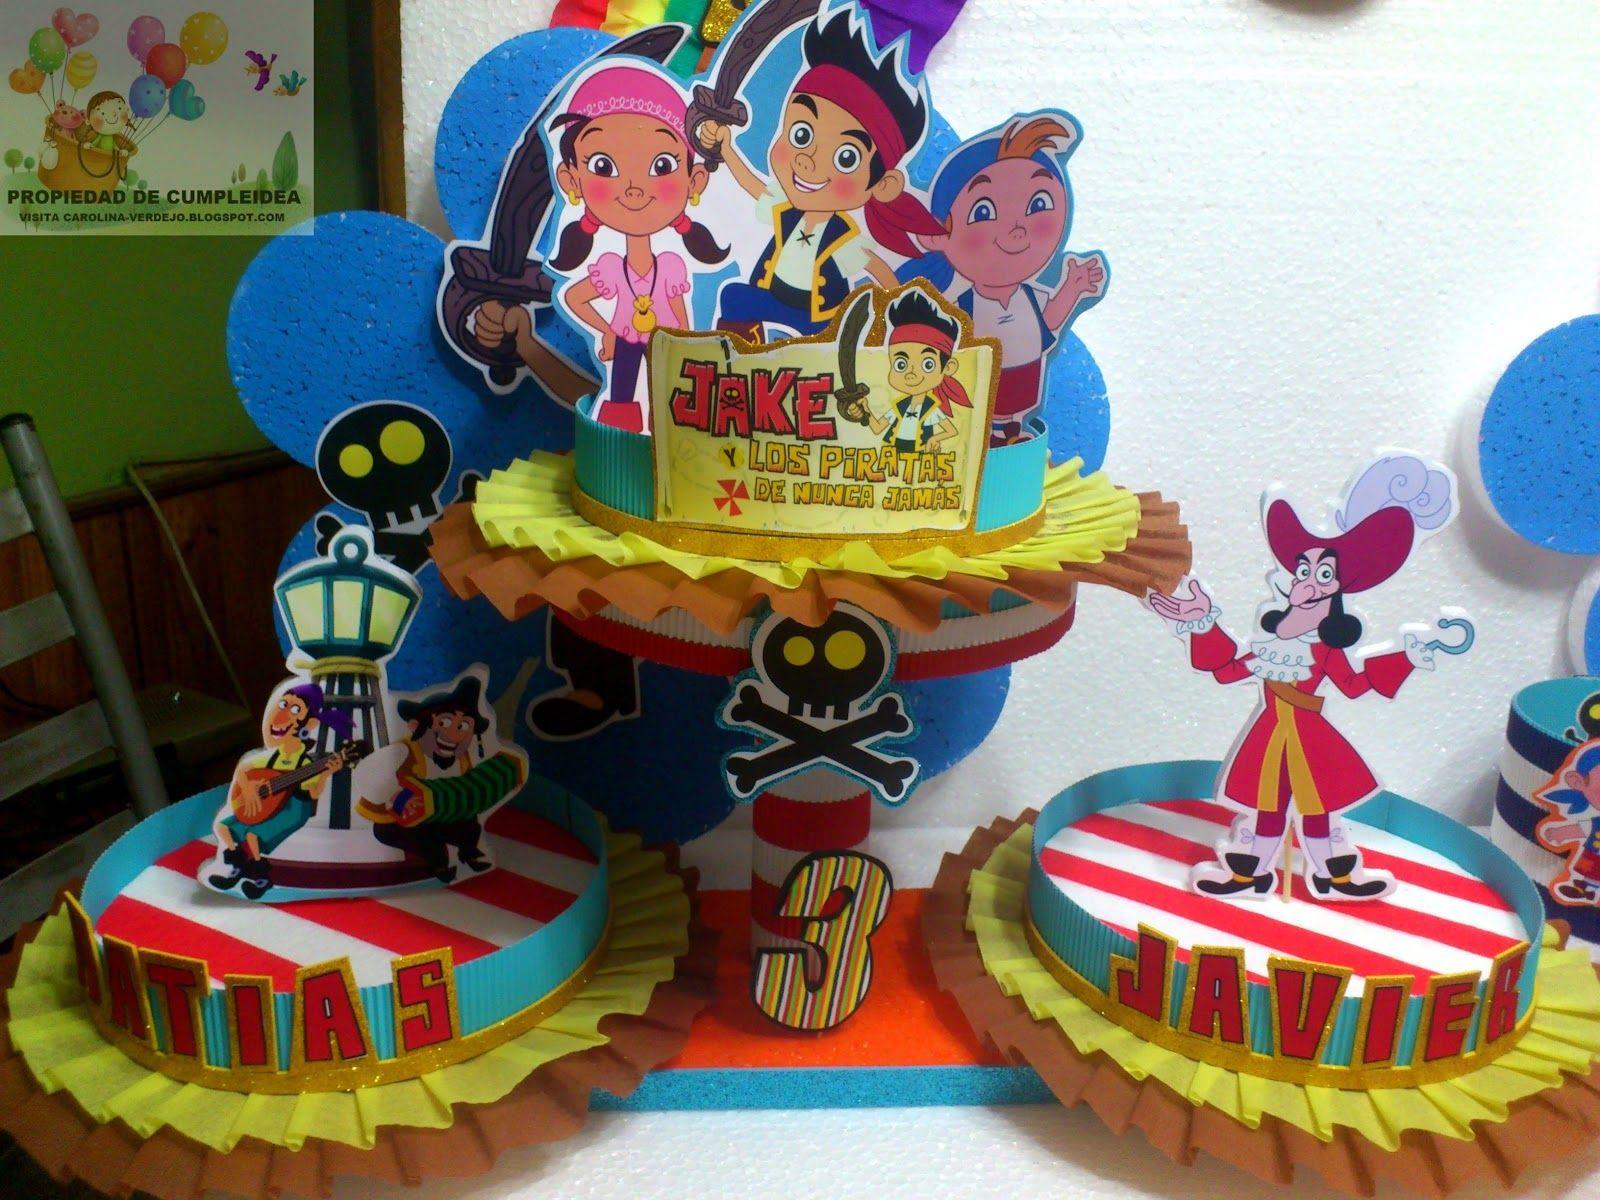 Decoraciones infantiles jake y los piratas de nunca jamas for Decoraciones para fiestas